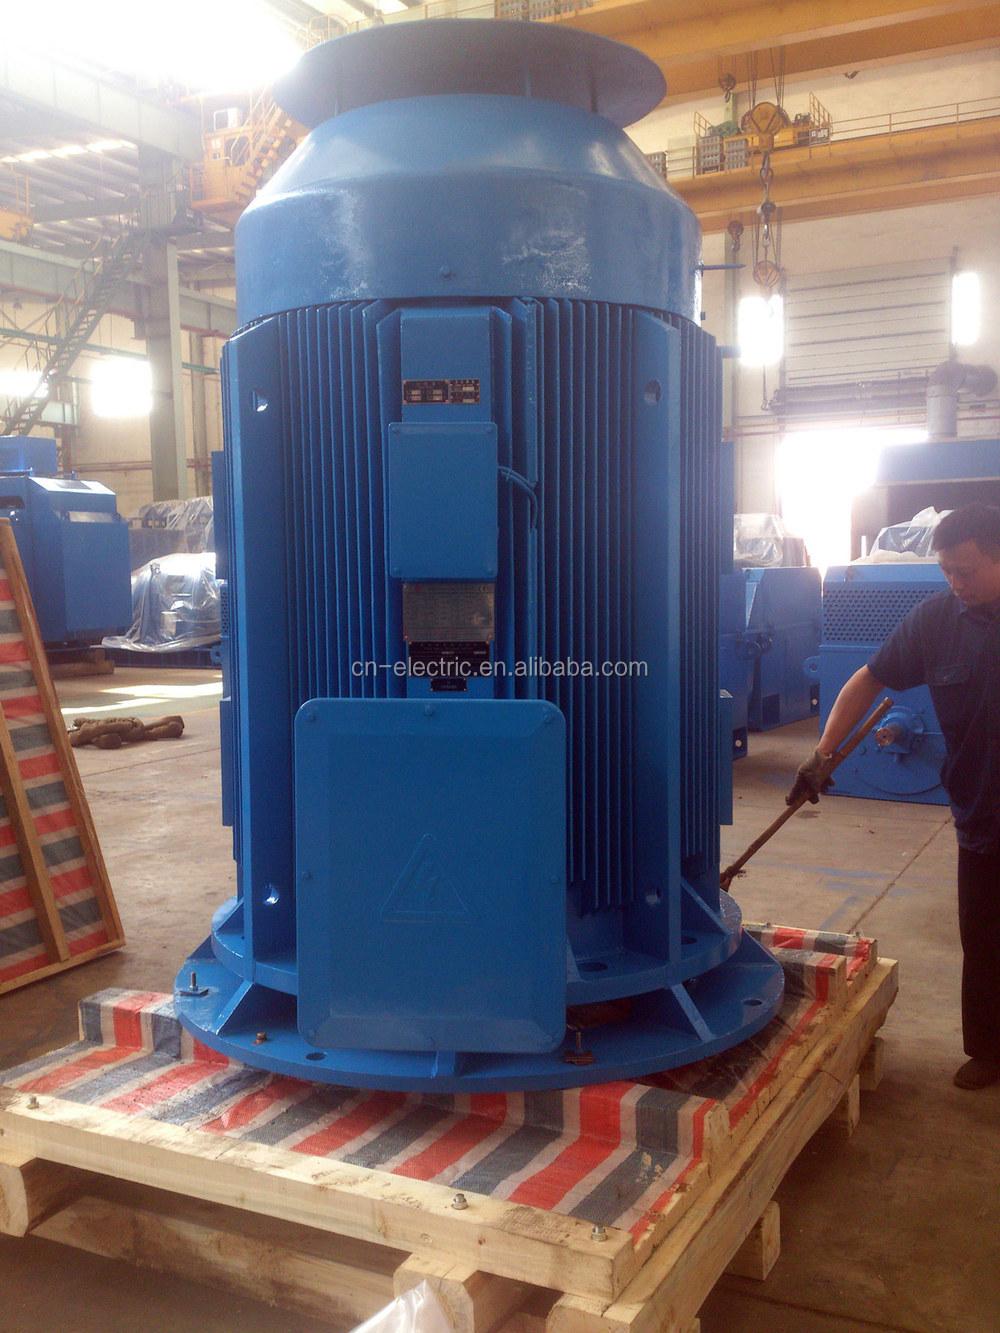 High Voltage Cage : Ylkk vertical motor squirrel cage high voltage buy